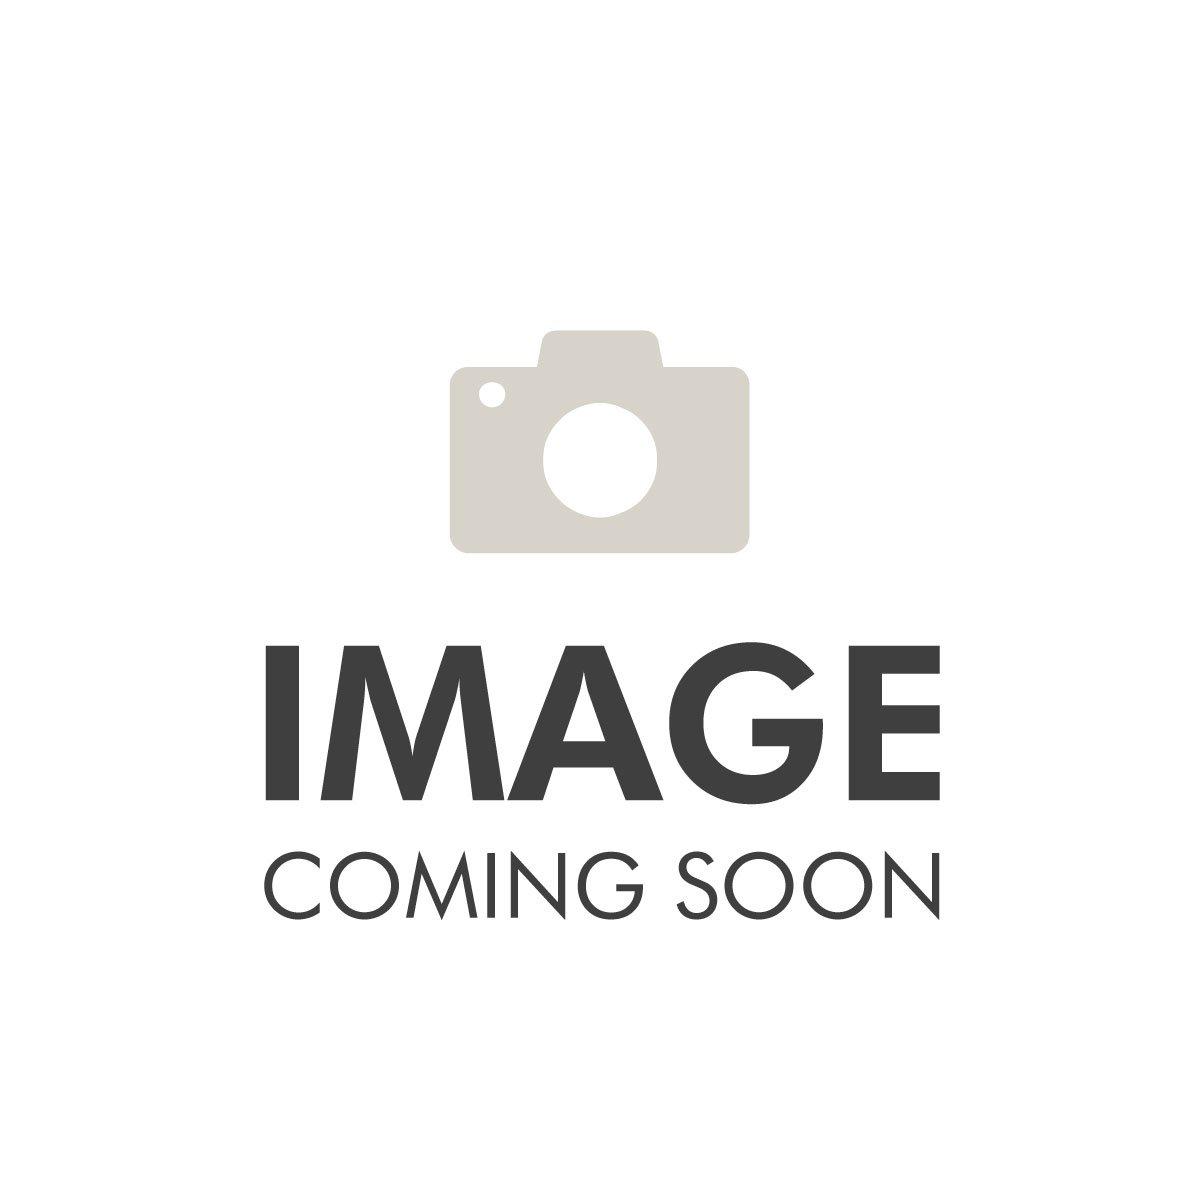 FWF - Socle 3mm, manchon isolant et noix